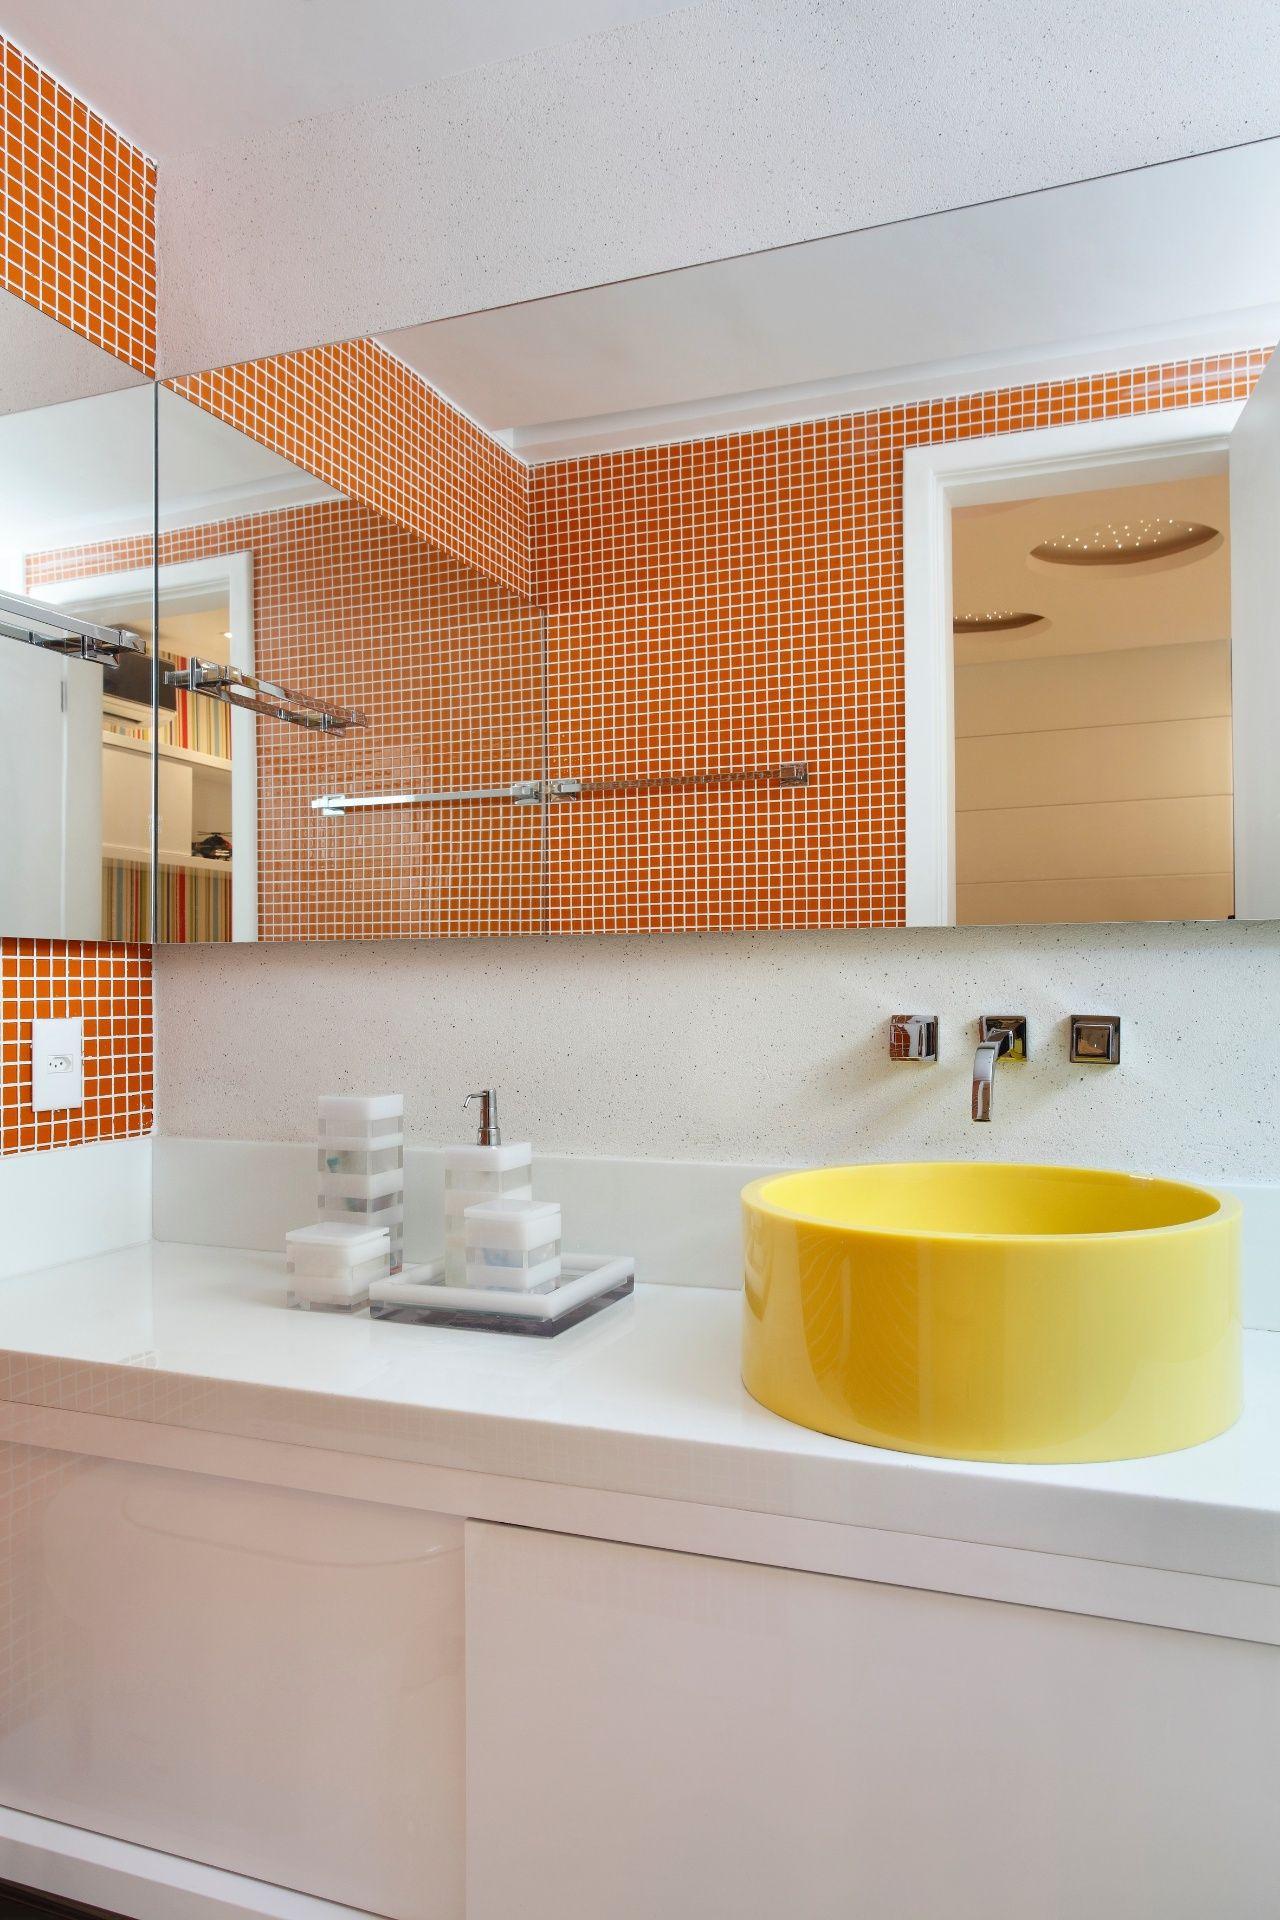 50 Banheiros Decorados com Pastilhas (melhores fotos!) -> Cuba Para Banheiro Amarela